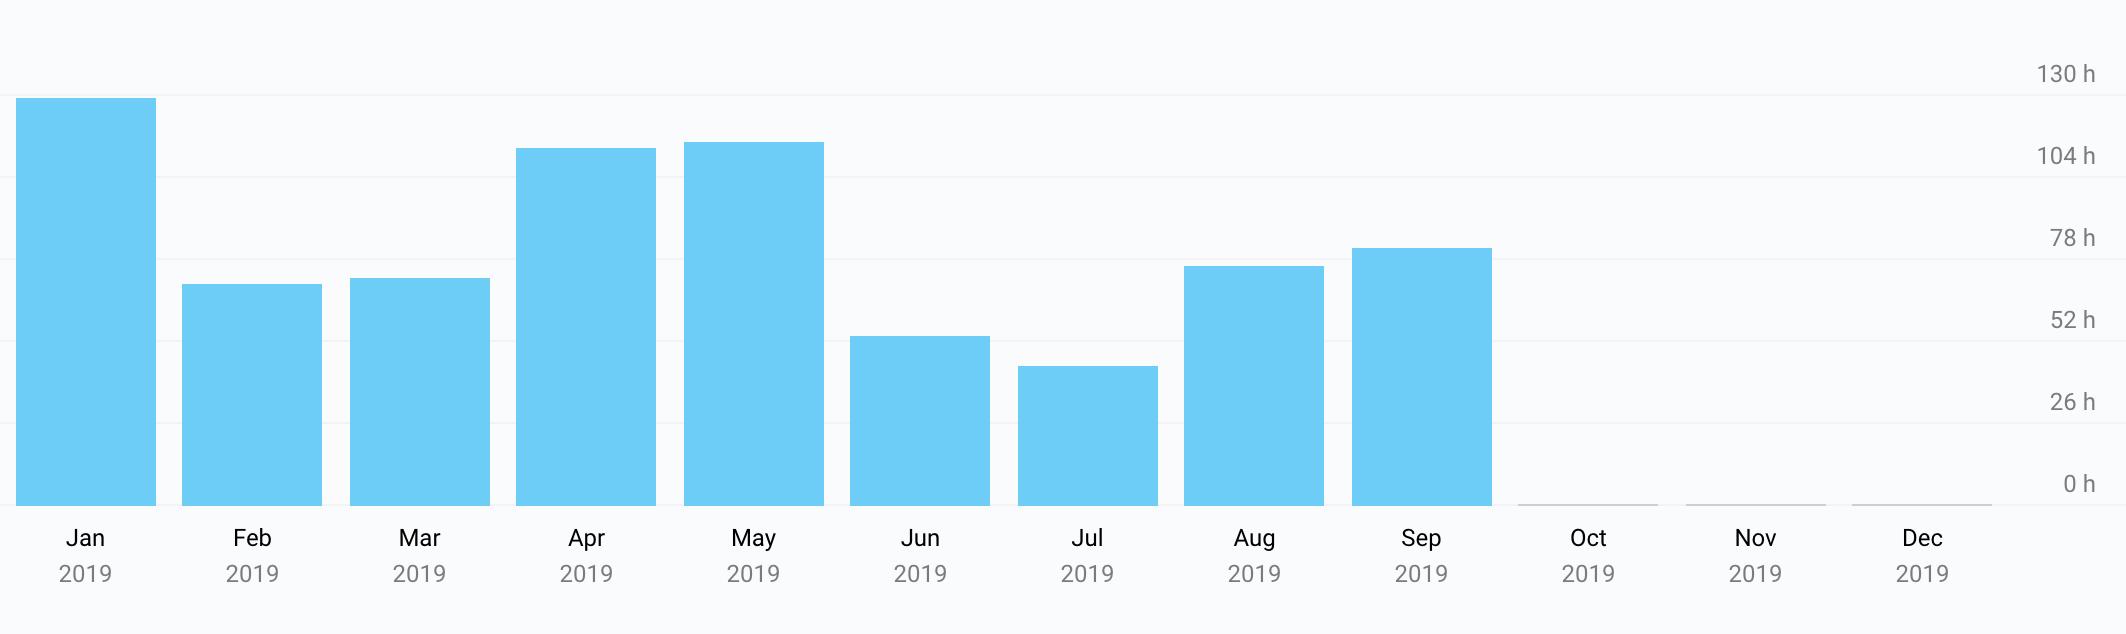 Så här ser min statistik ut för i år. Väldigt stora variationer mellan månaderna!